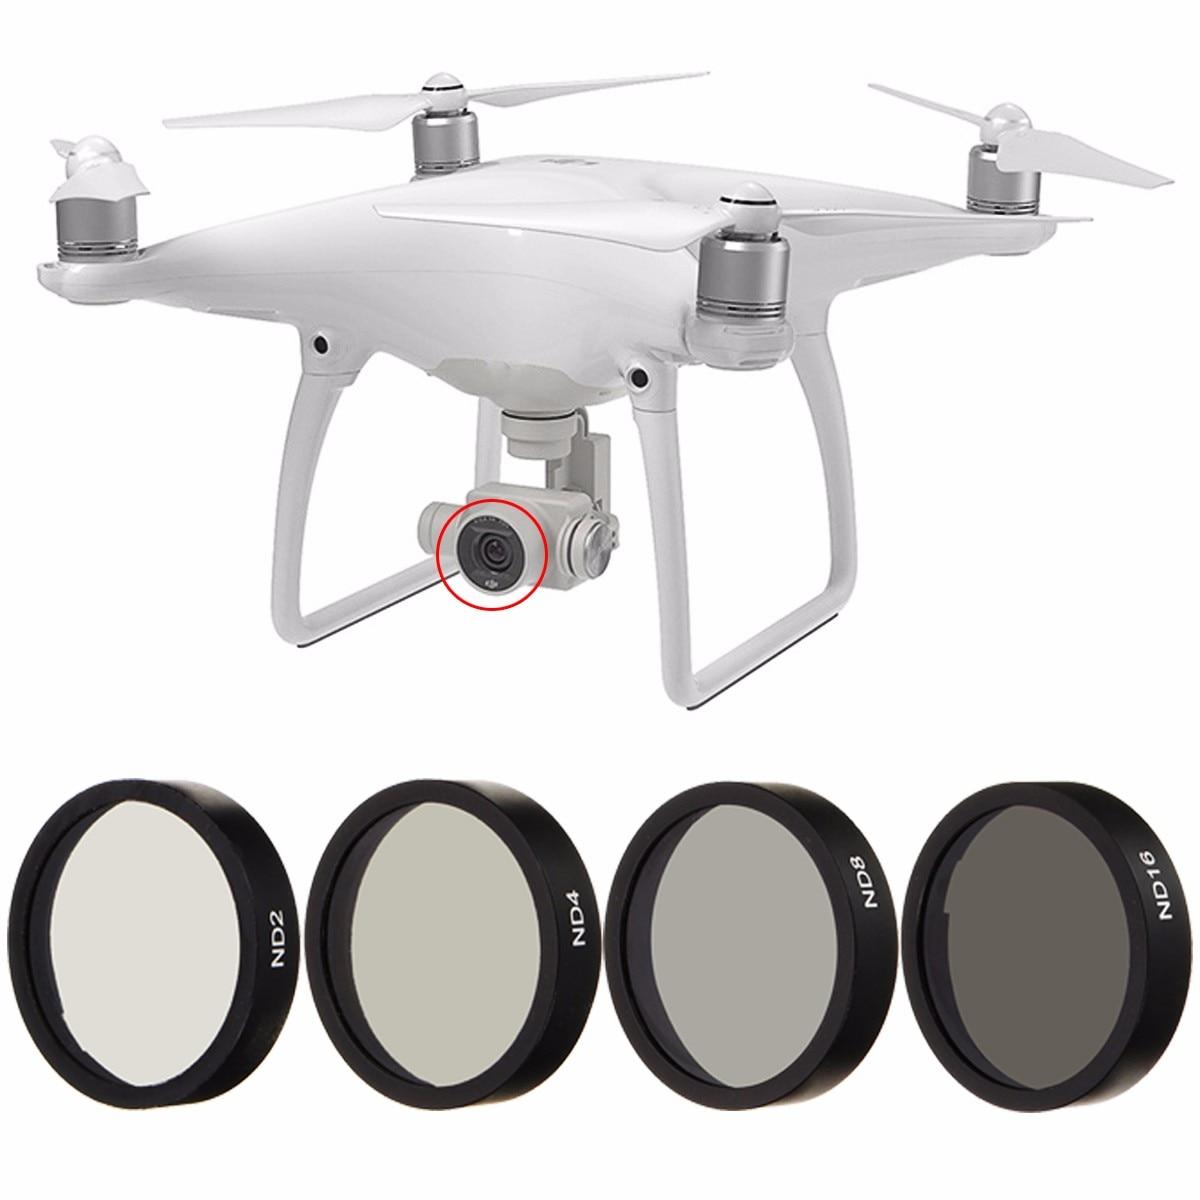 Nuevo 4 Unid ND2 ND4 ND8 ND16 Len filtro para DJI Phantom 3 4 profesional avanzado Cámara Drone con cámara de la lente de marco negro